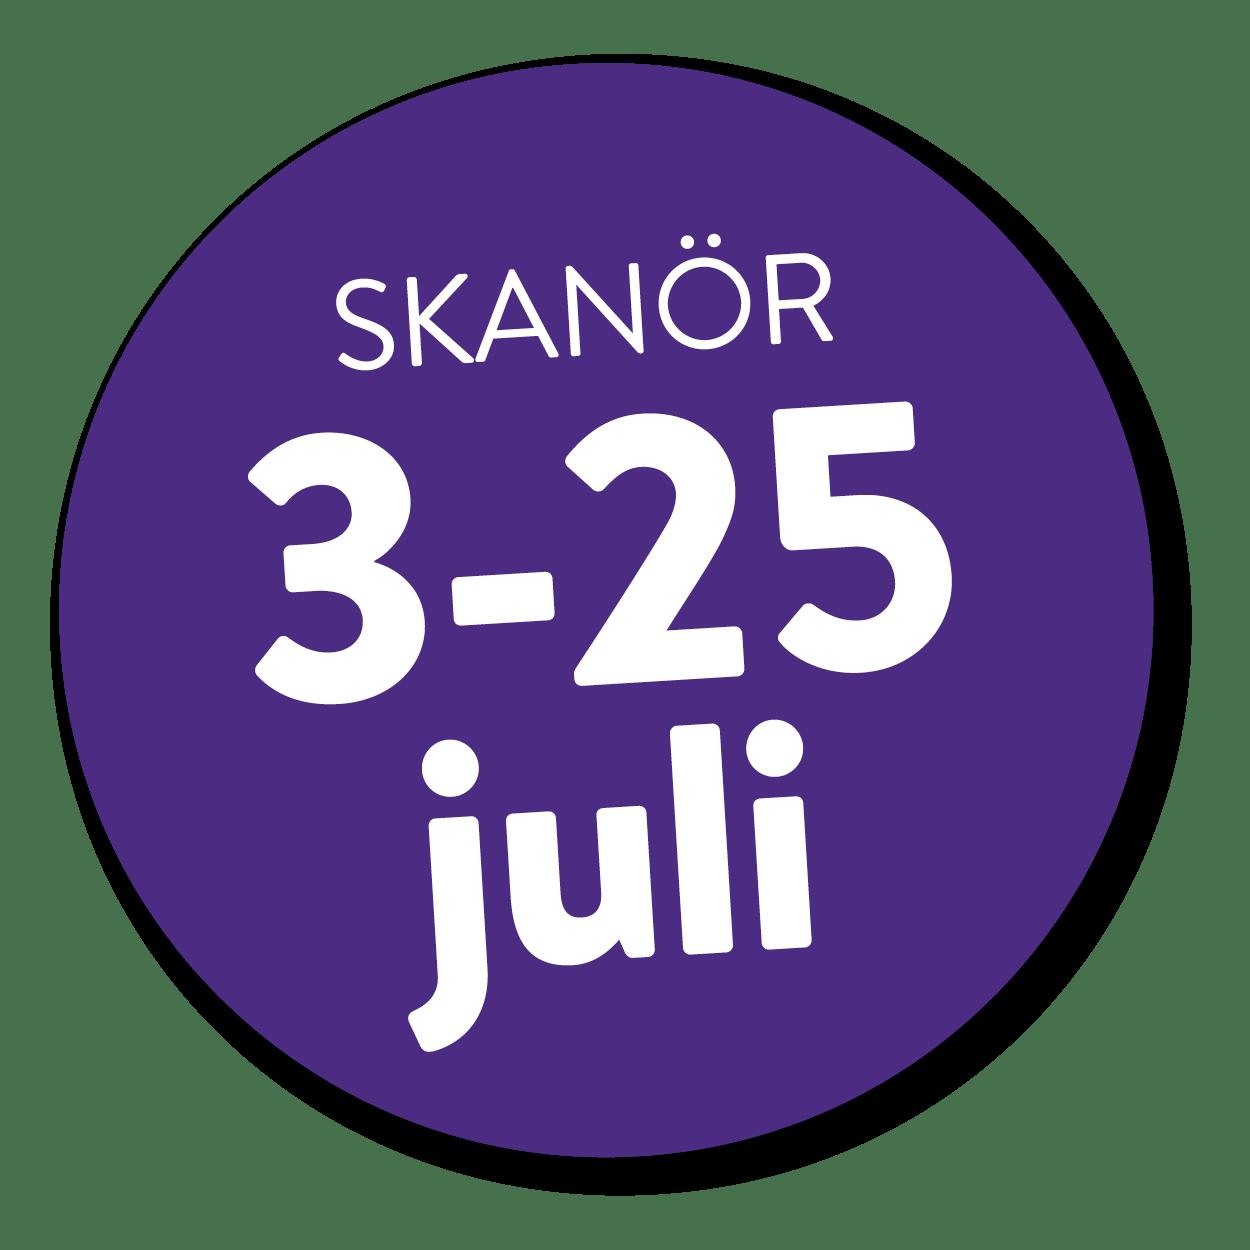 skanör 3-25 juli